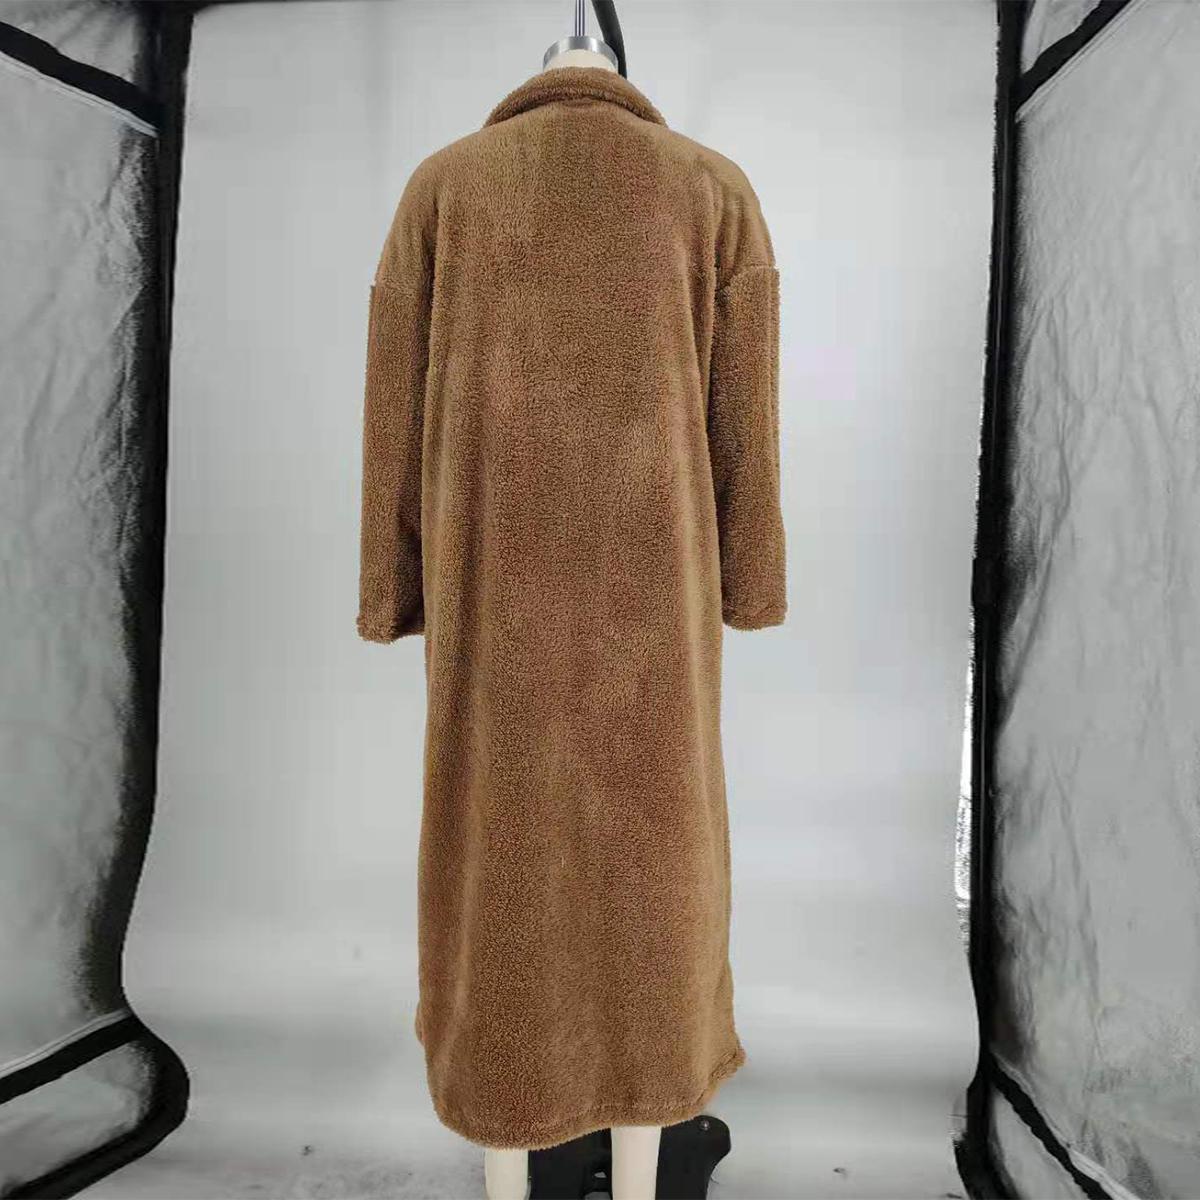 Women-Winter-Warm-Teddy-Bear-Fleece-Coat-Fluffy-Jacket-Cardigan-Overcoat-Outwear miniatura 19